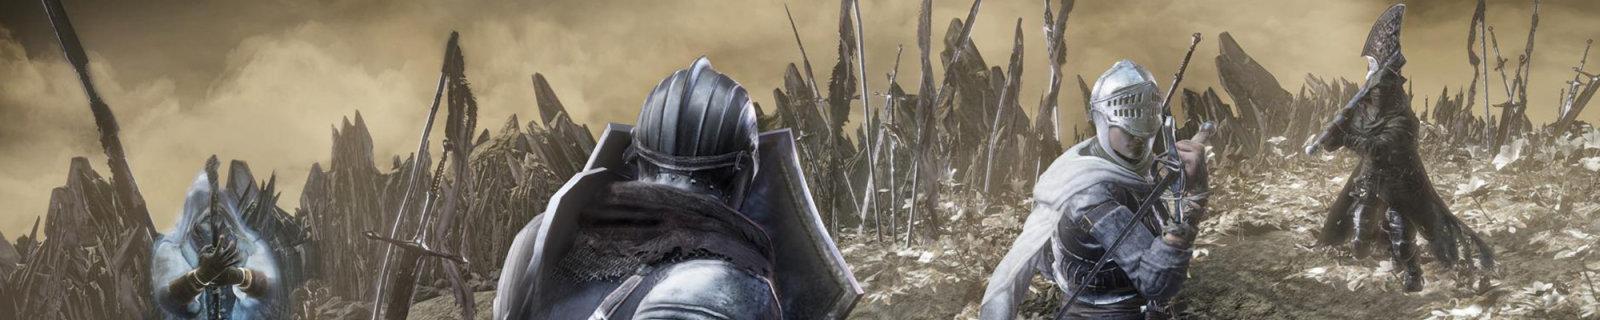 """《黑暗之魂3》DLC""""阿里安德尔的灰烬""""上架"""